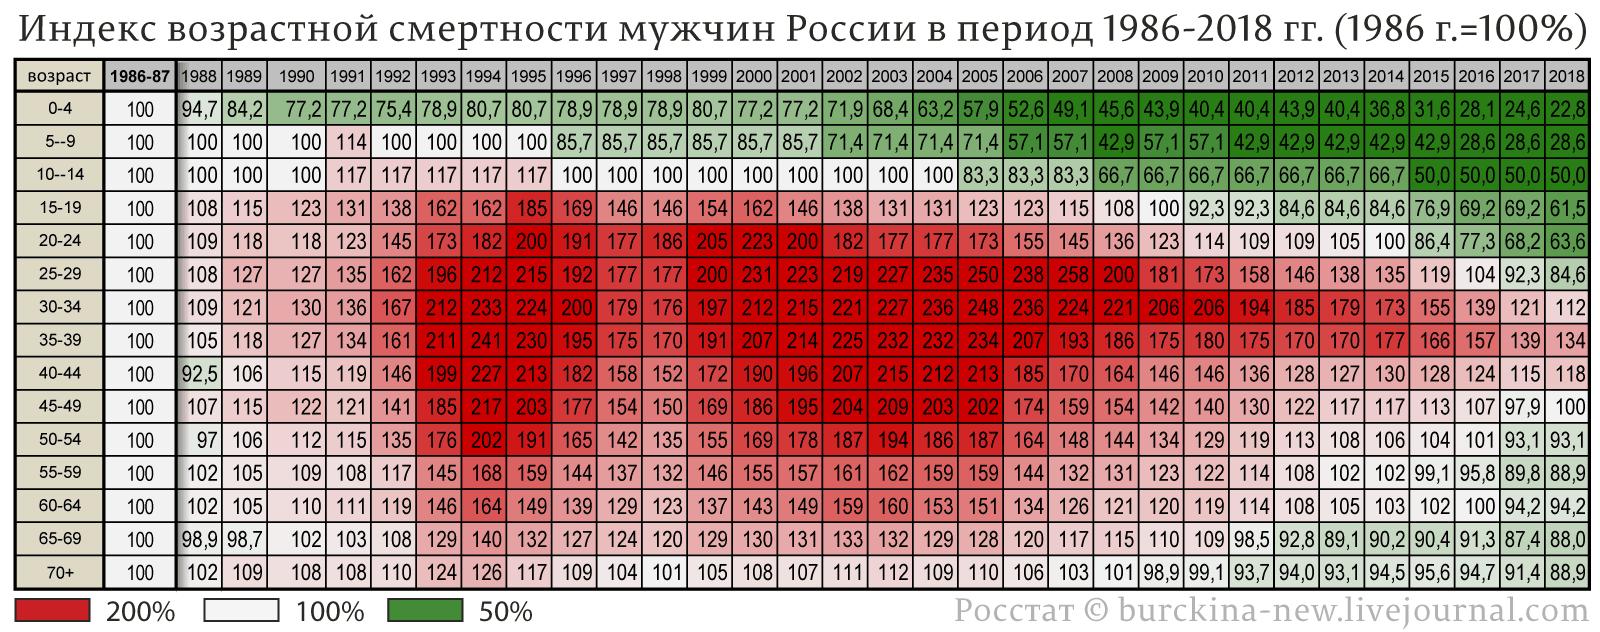 Индекс-возрастной-смертности-мужчин-России-в-период-1986-2018-гг.-(1986-г.=100%)